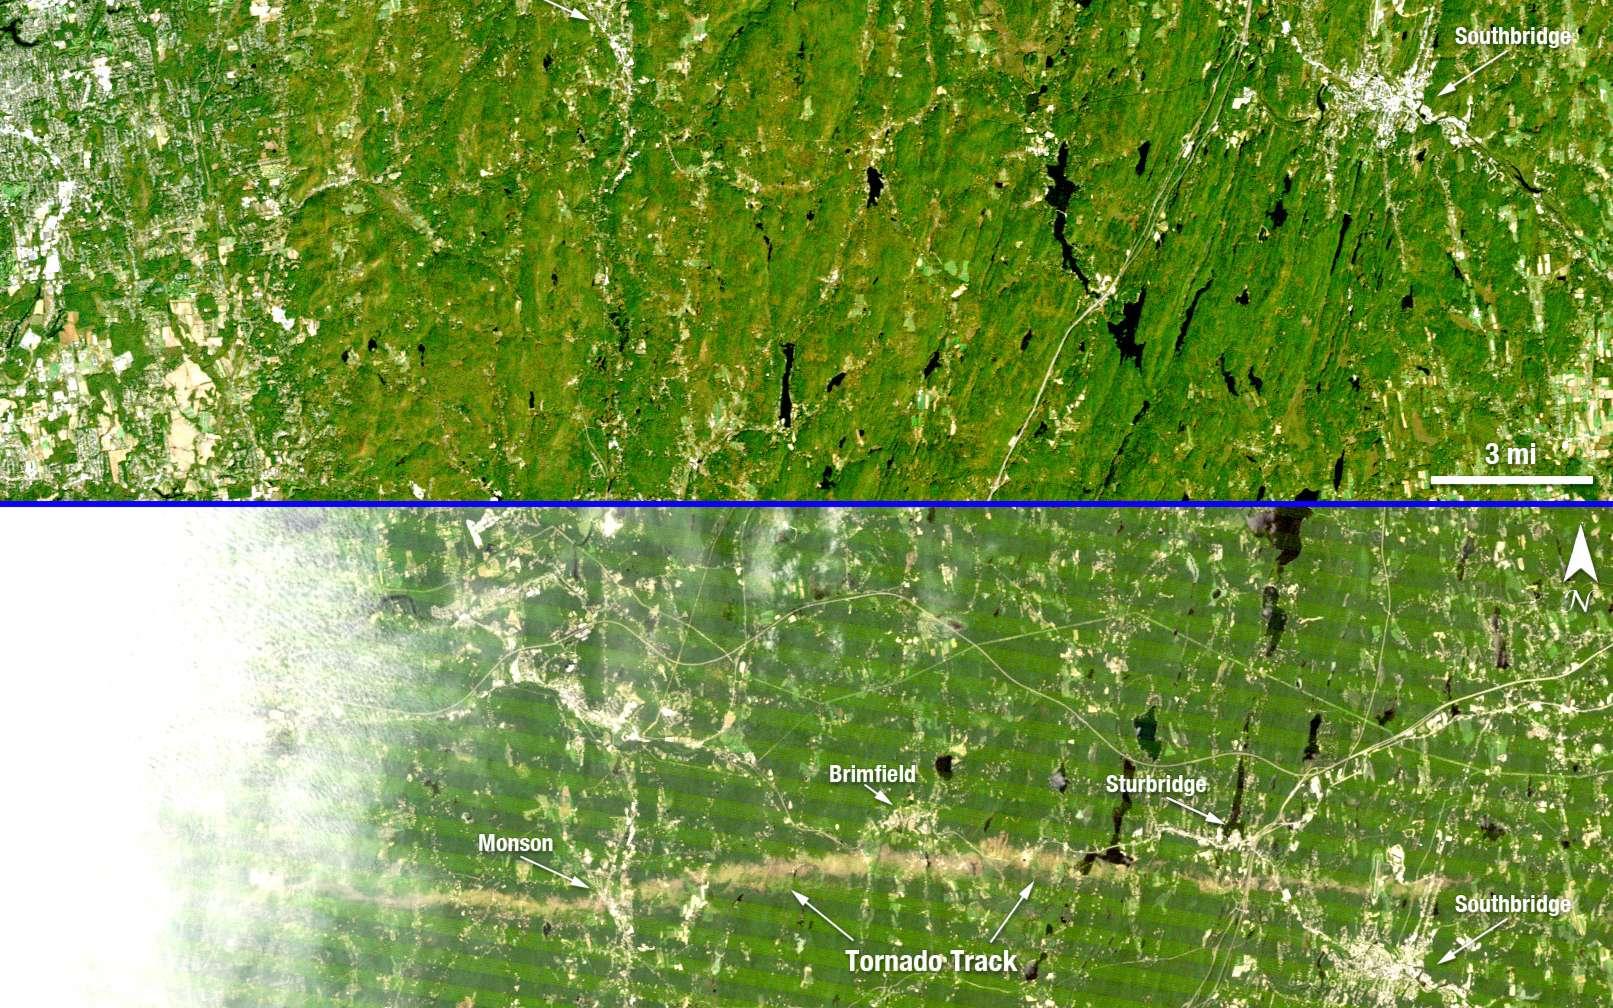 Ces deux images de la même région ont été acquises par le satellite Landsat 5 de la Nasa et du Service d'études géologiques (USGS). Elles permettent de se rendre compte de la trace au sol laissée par la tornade et des dégâts qu'elle a occasionnés. © Nasa/USGS